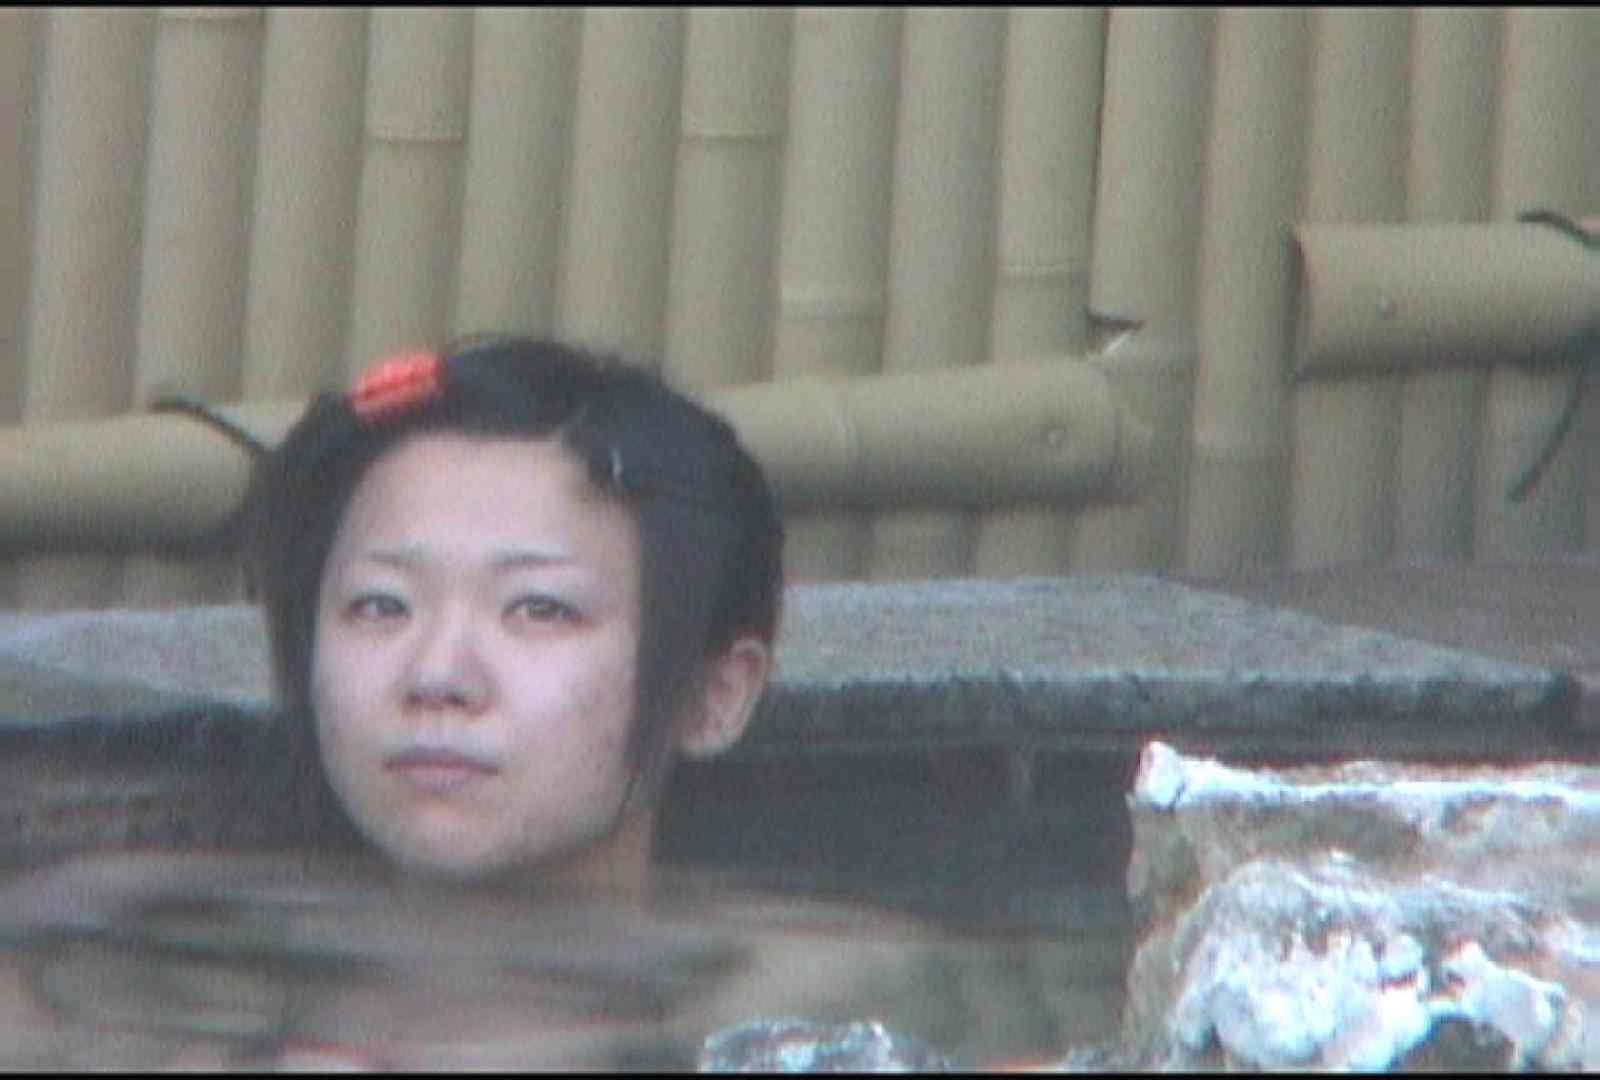 Aquaな露天風呂Vol.175 盗撮 オメコ動画キャプチャ 99枚 47